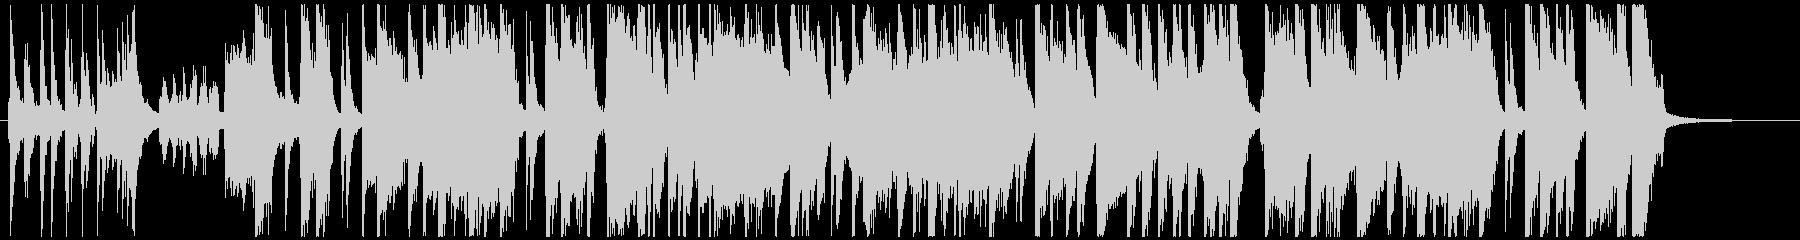 オシャレ、可愛い、ショートBGMの未再生の波形